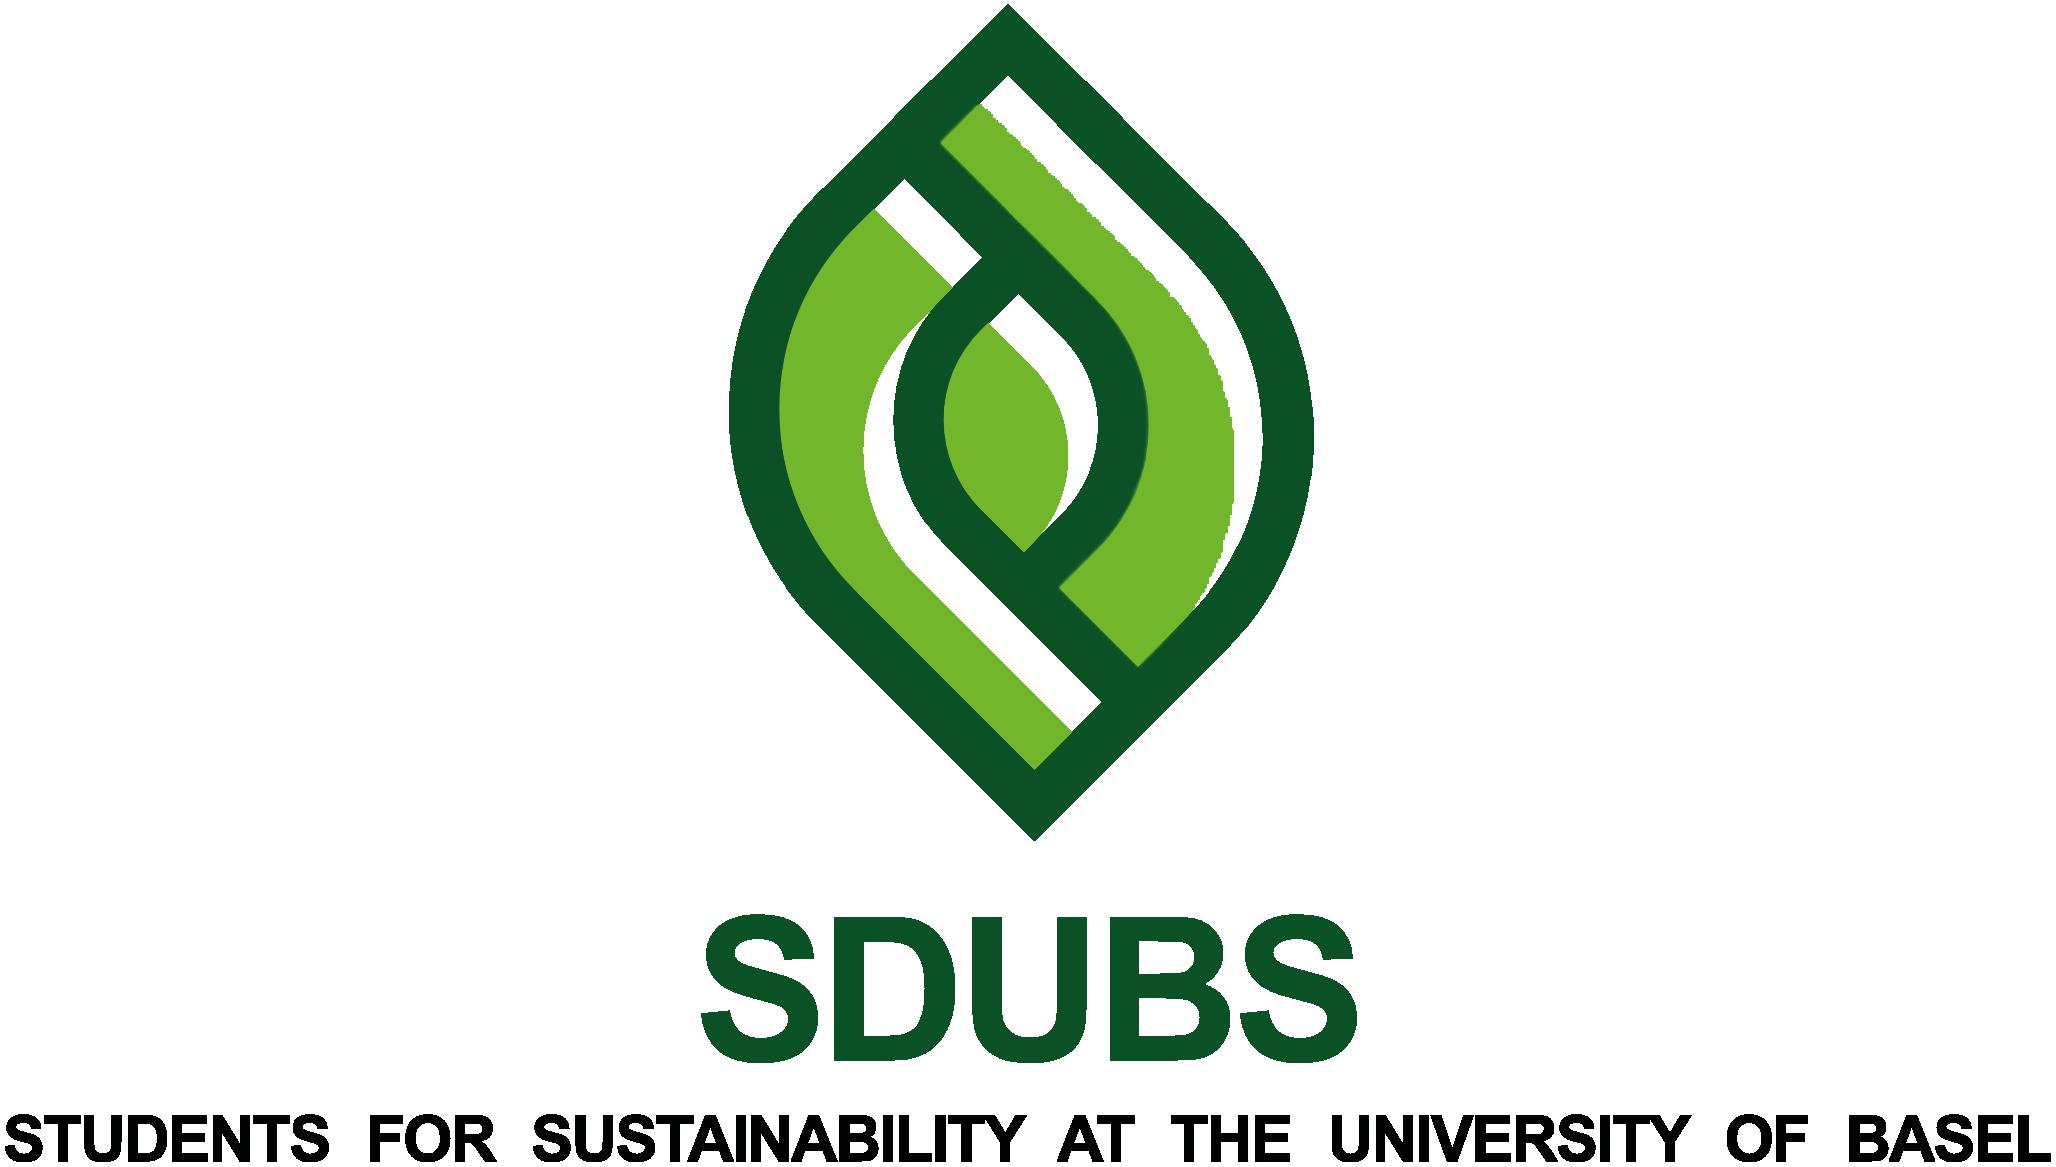 SDUBS - Students for Sustainability at the University of Basel - Wir setzen uns seit 2010 für eine nachhaltigere Universität Basel ein.